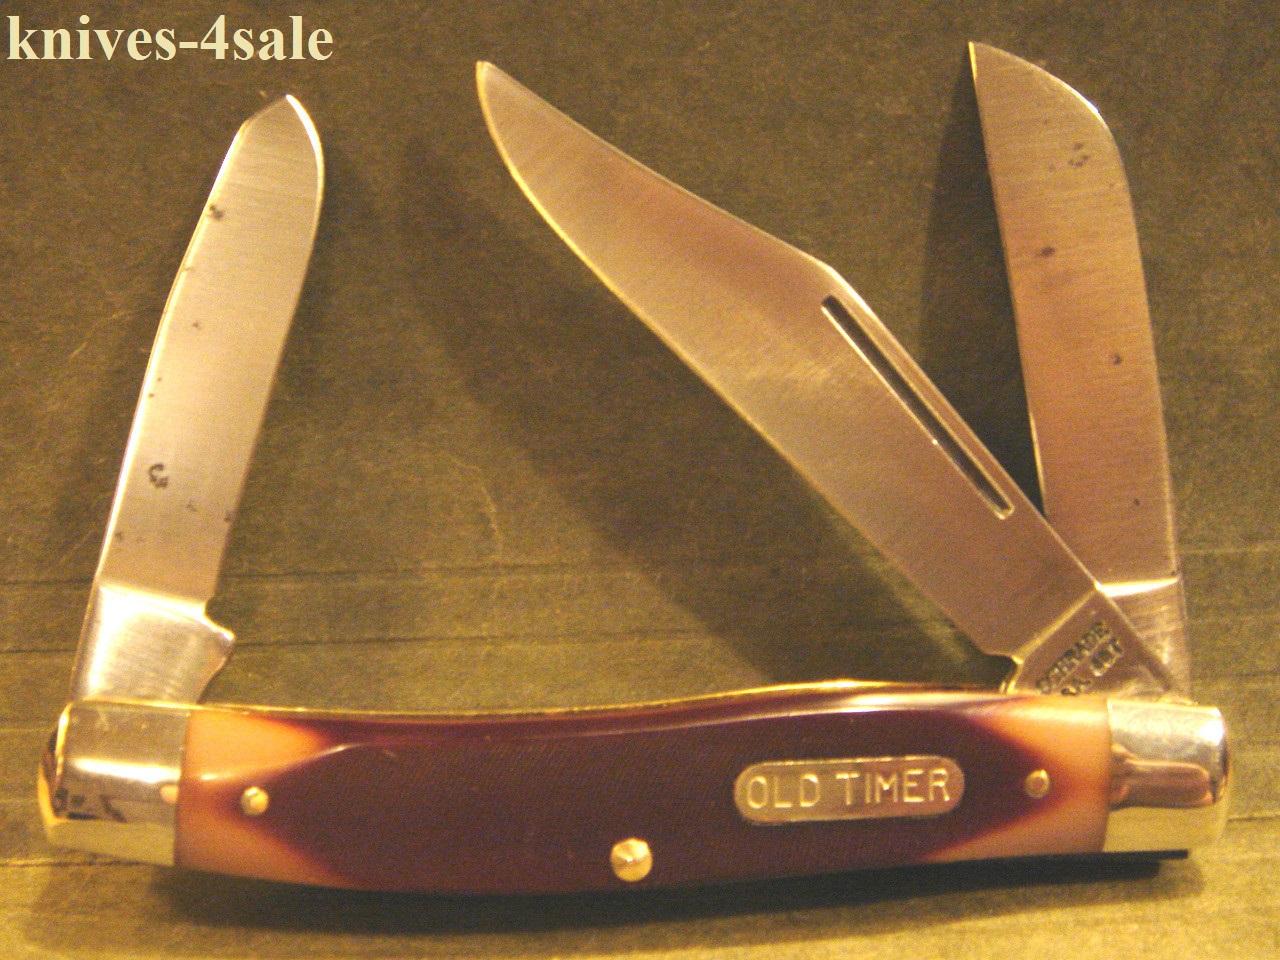 schrade knife old timer